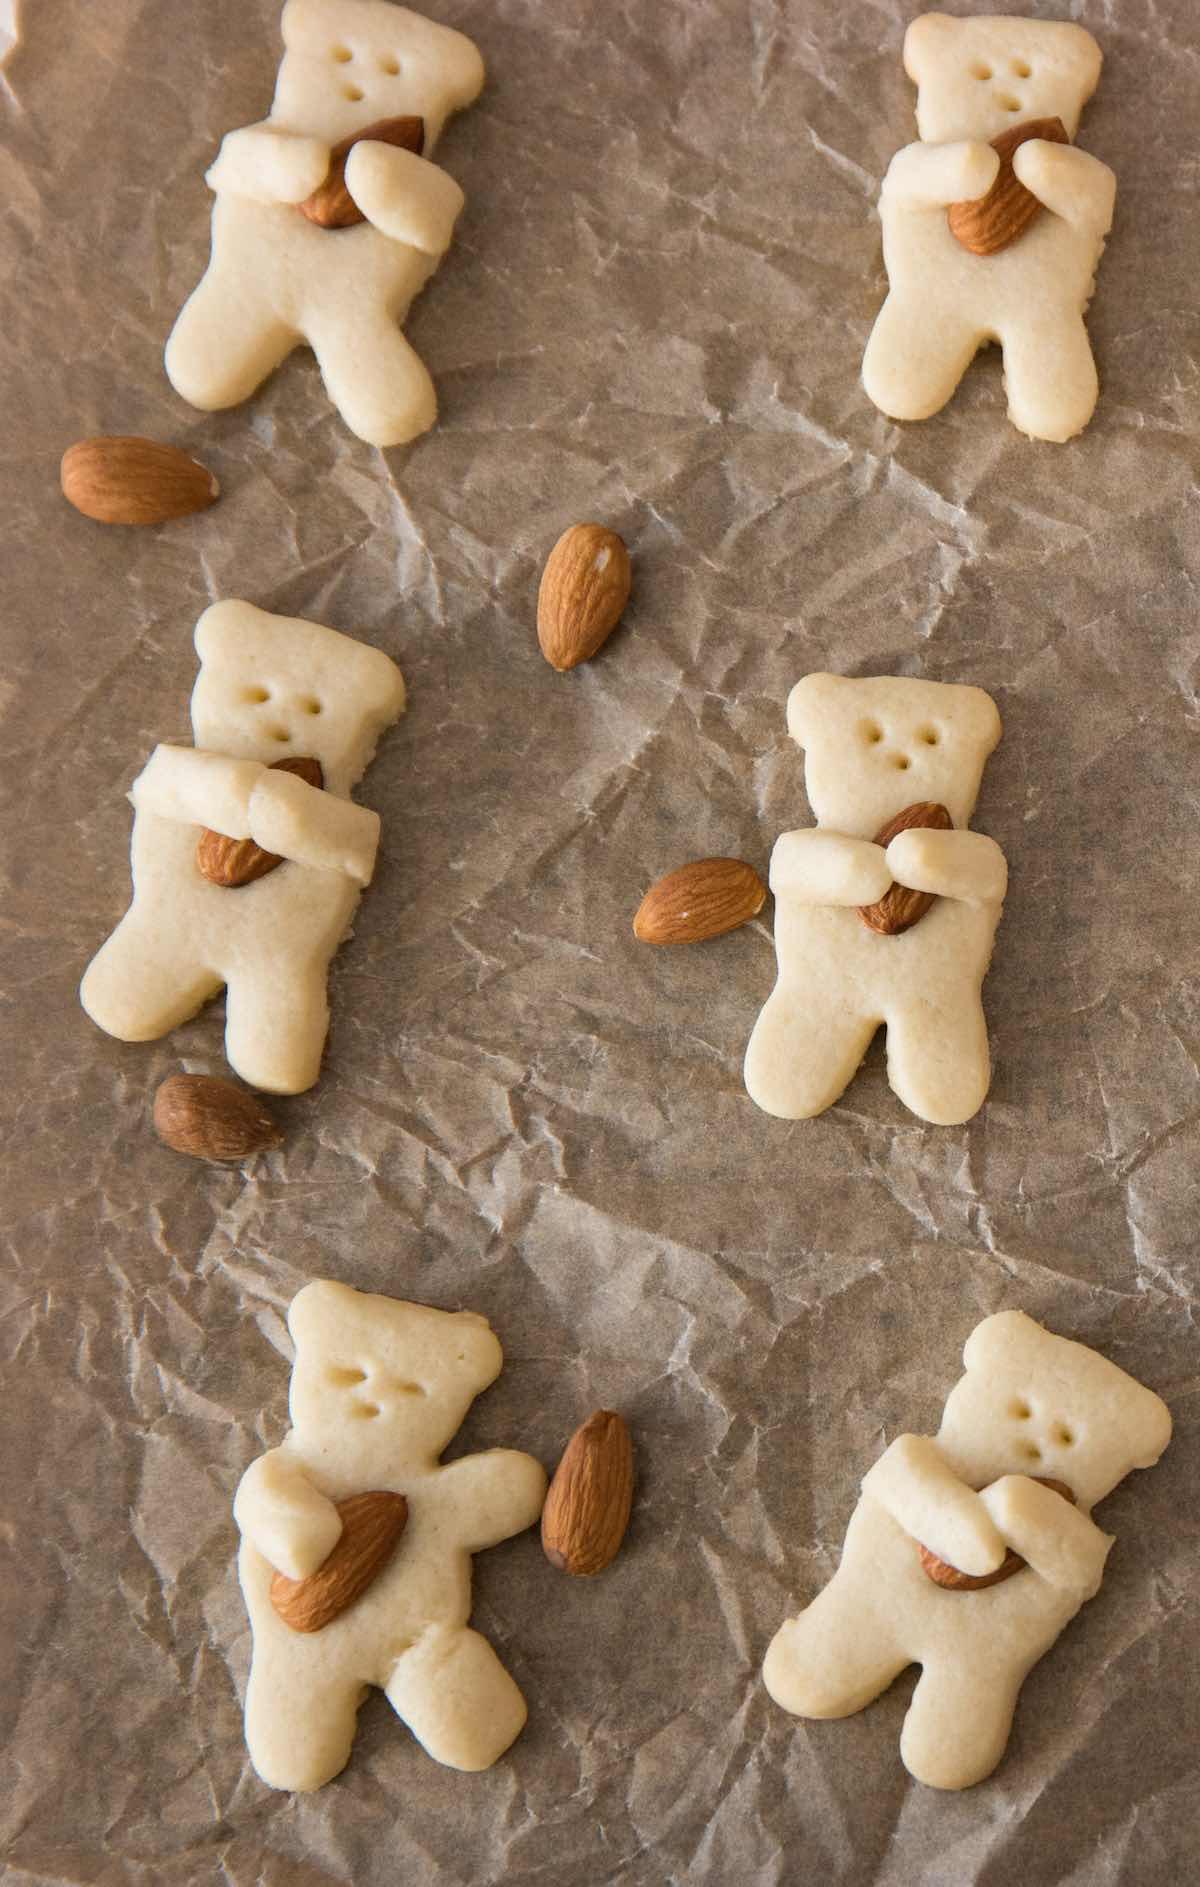 Bear cookies on a baking sheet